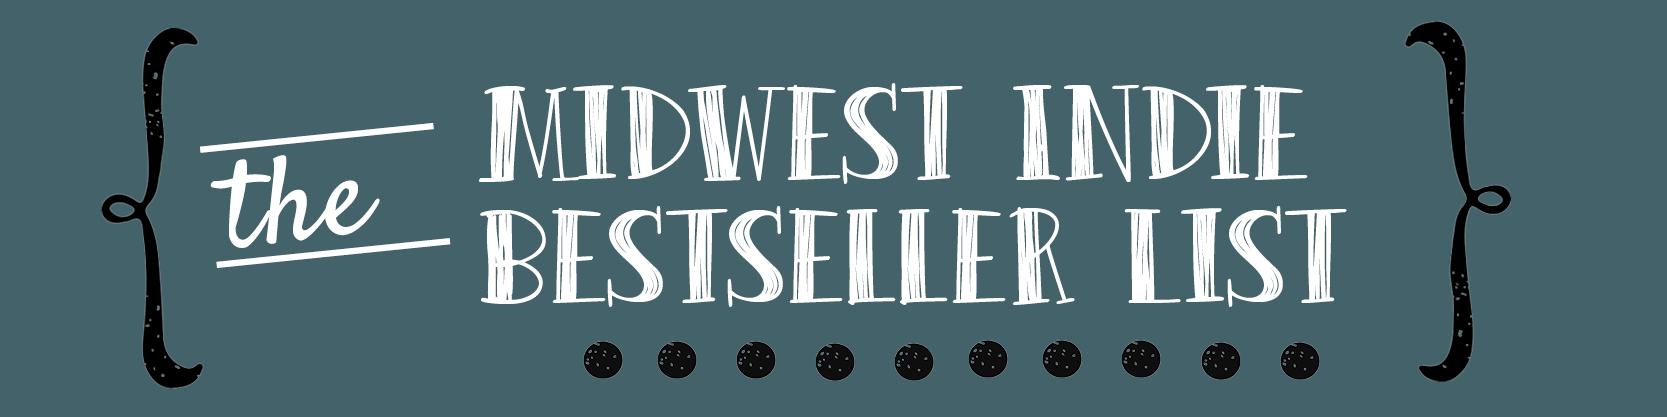 Midwest Indie Bestsellers